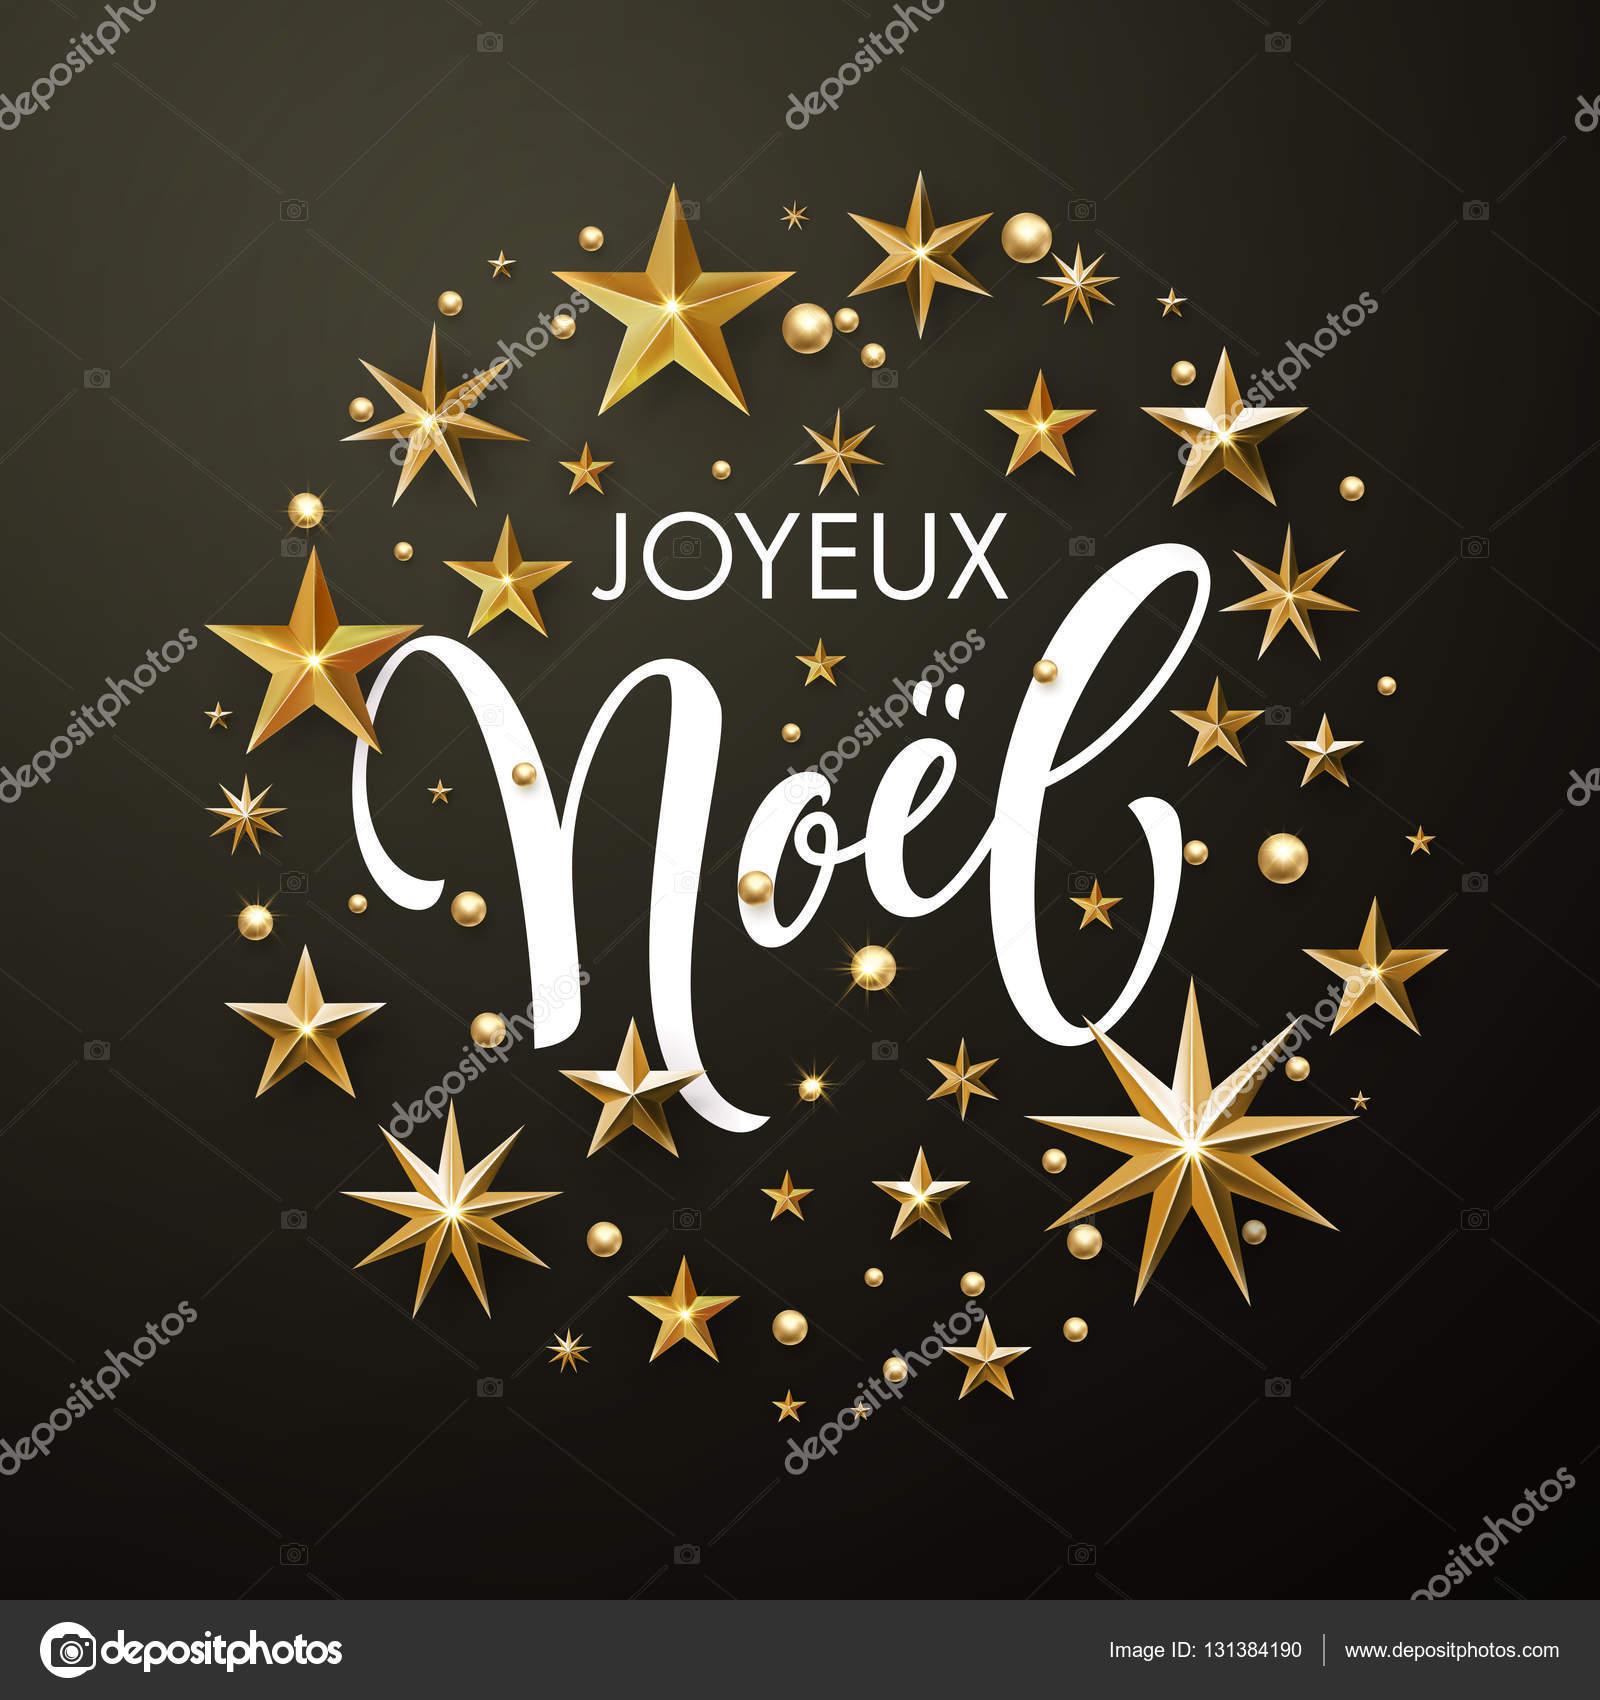 french merry christmas joyeux noel gold glitter stars greeting card stock vector